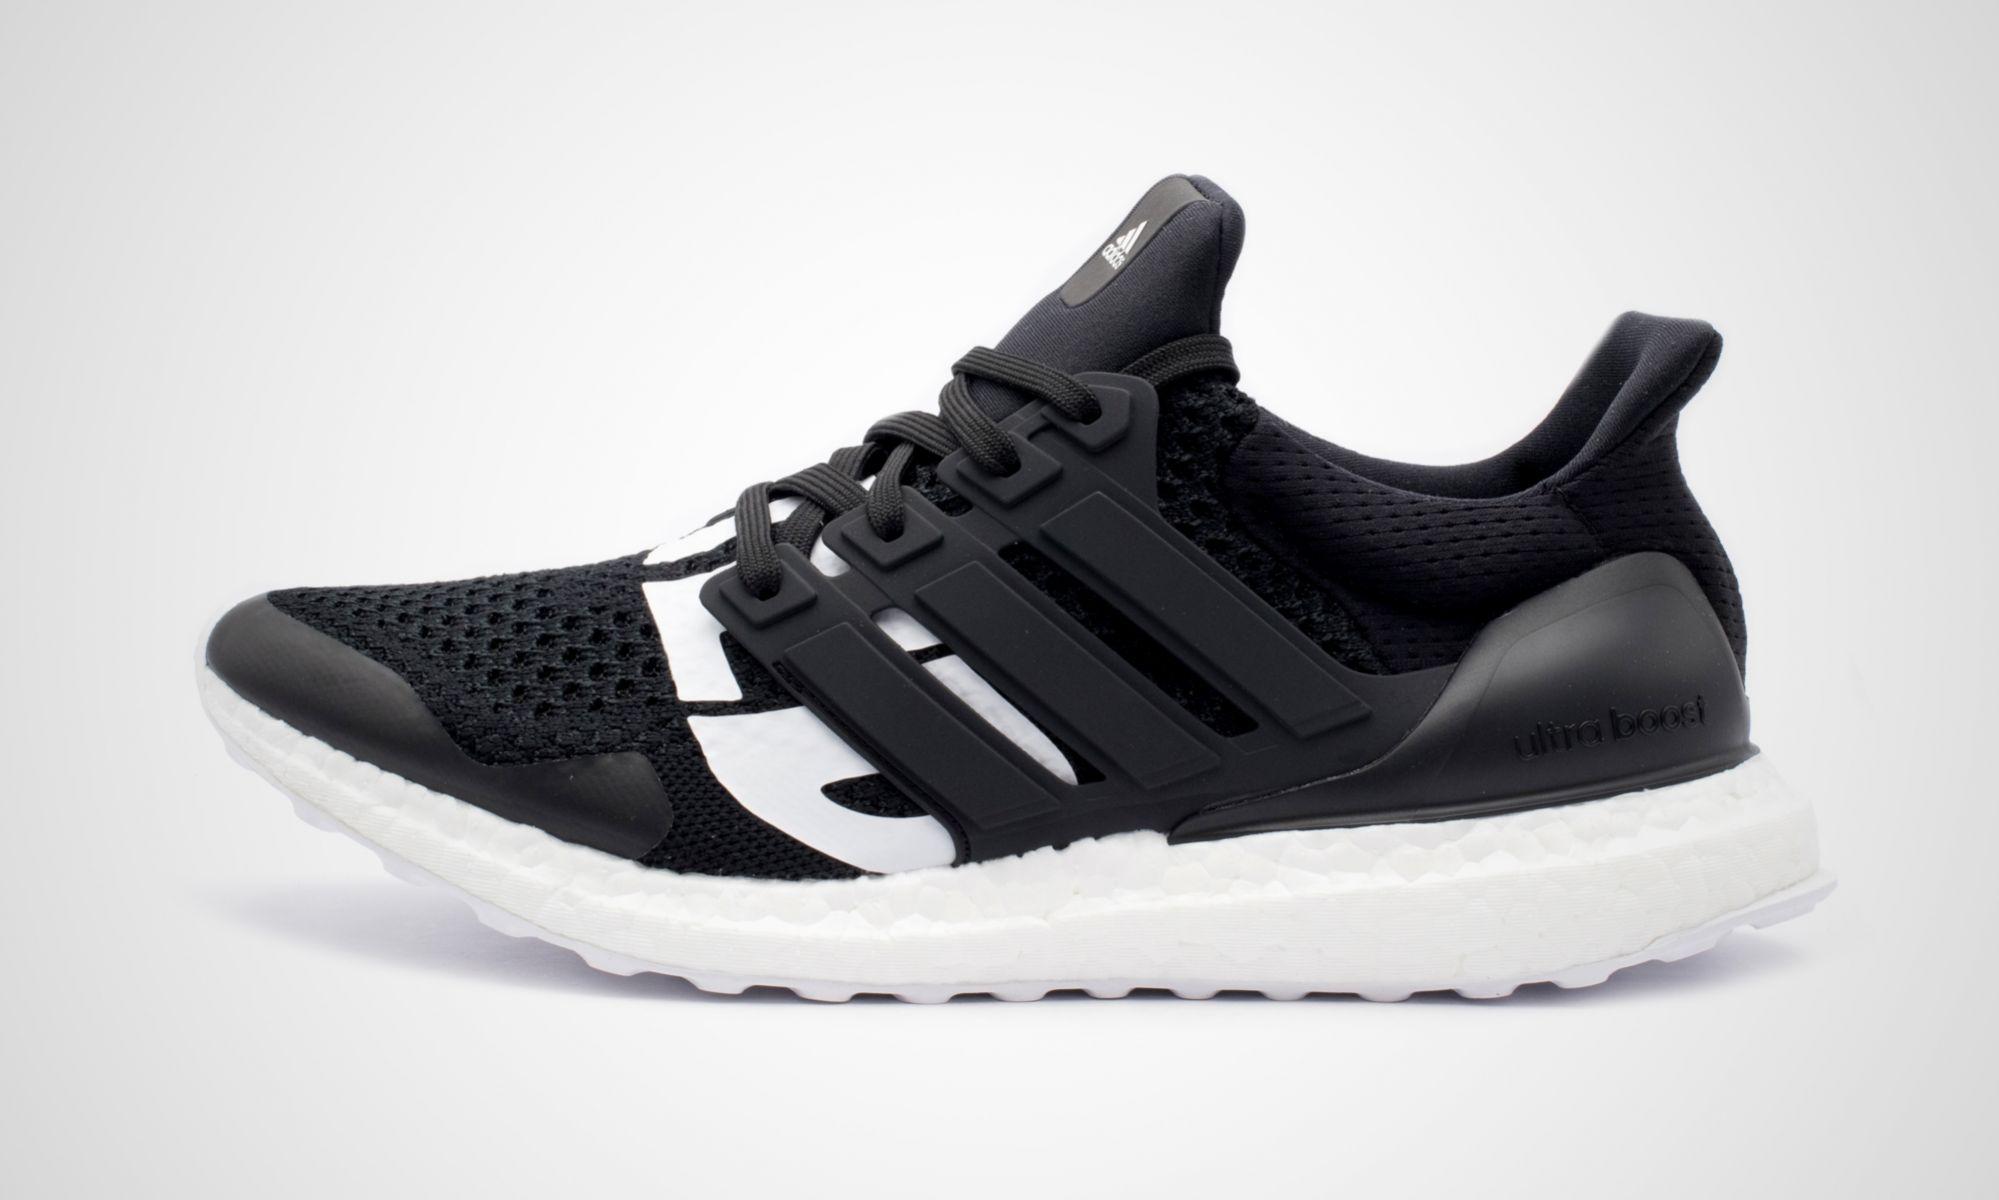 newest b9e44 2ff50 adidas x UNDFTD Ultra Boost